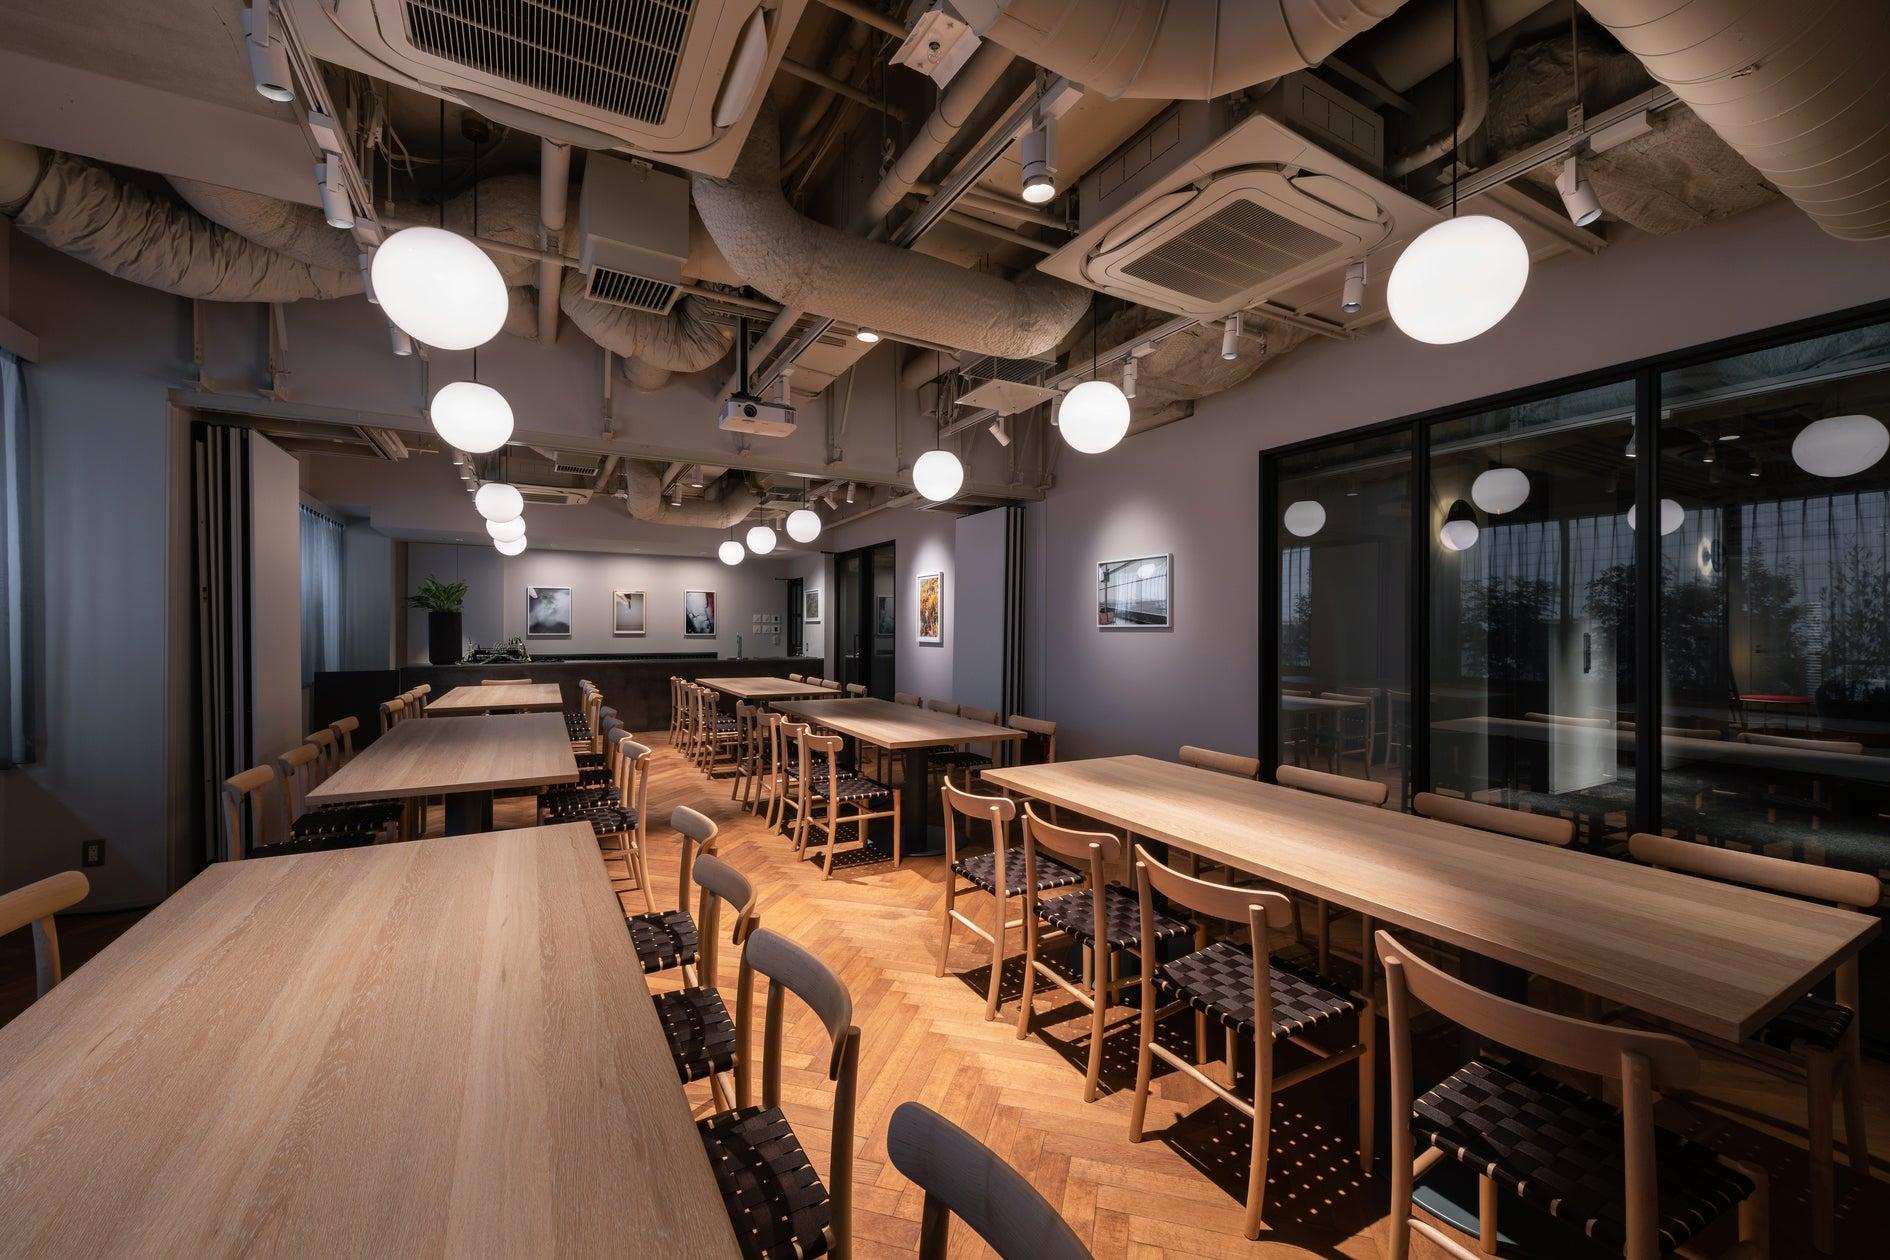 THE KNOT キッチン付きイベントスペース・パーティー・会議・セミナー・撮影などに!(THE KNOT キッチン付きイベントスペース・パーティー・会議・セミナー・撮影などに!) の写真0